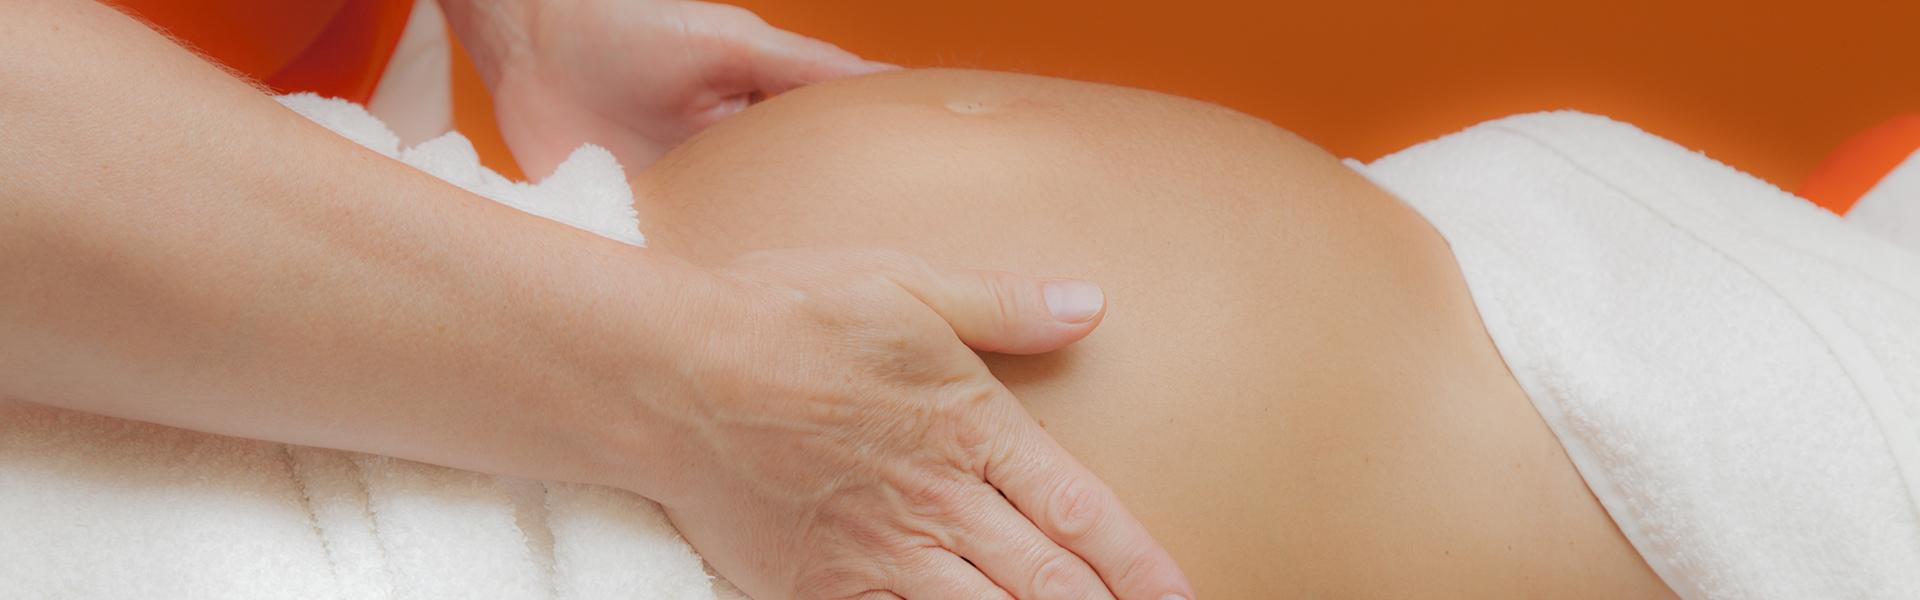 plaats massage pijpbeurt in Vlissingen